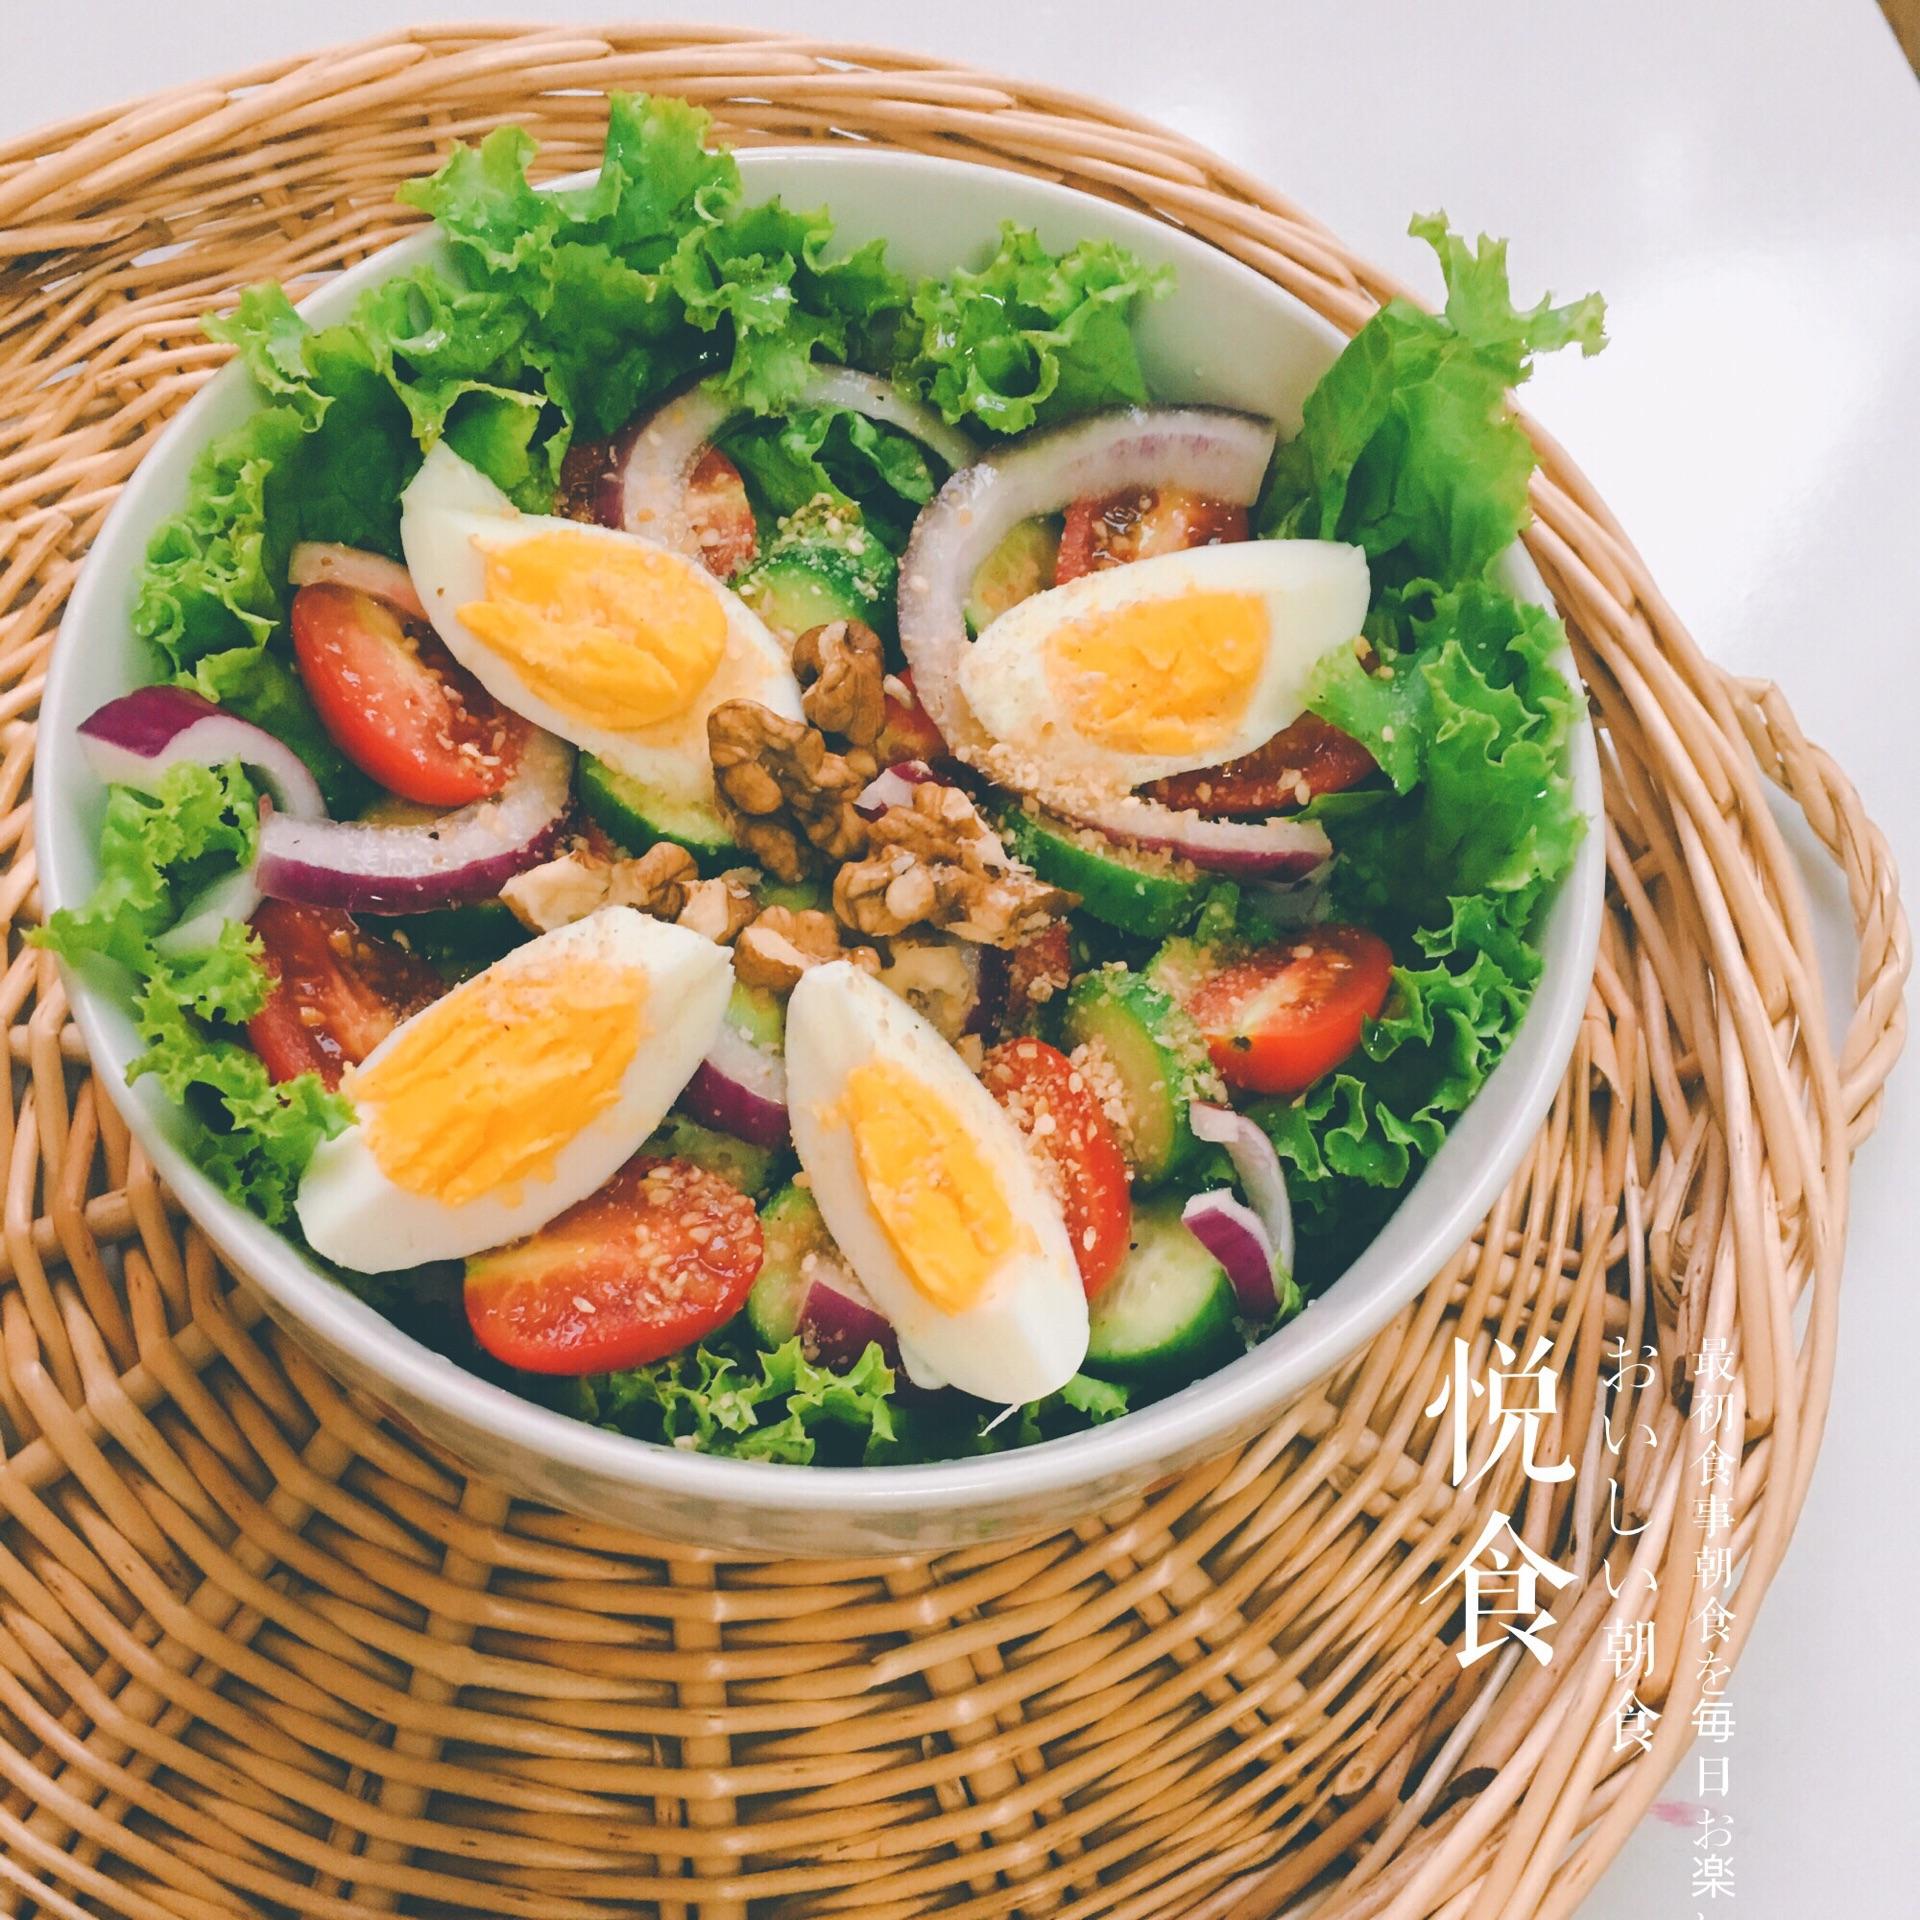 蔬菜沙拉汁,蔬菜沙拉汁的做法 凉菜 菜谱大全 吃喝吧